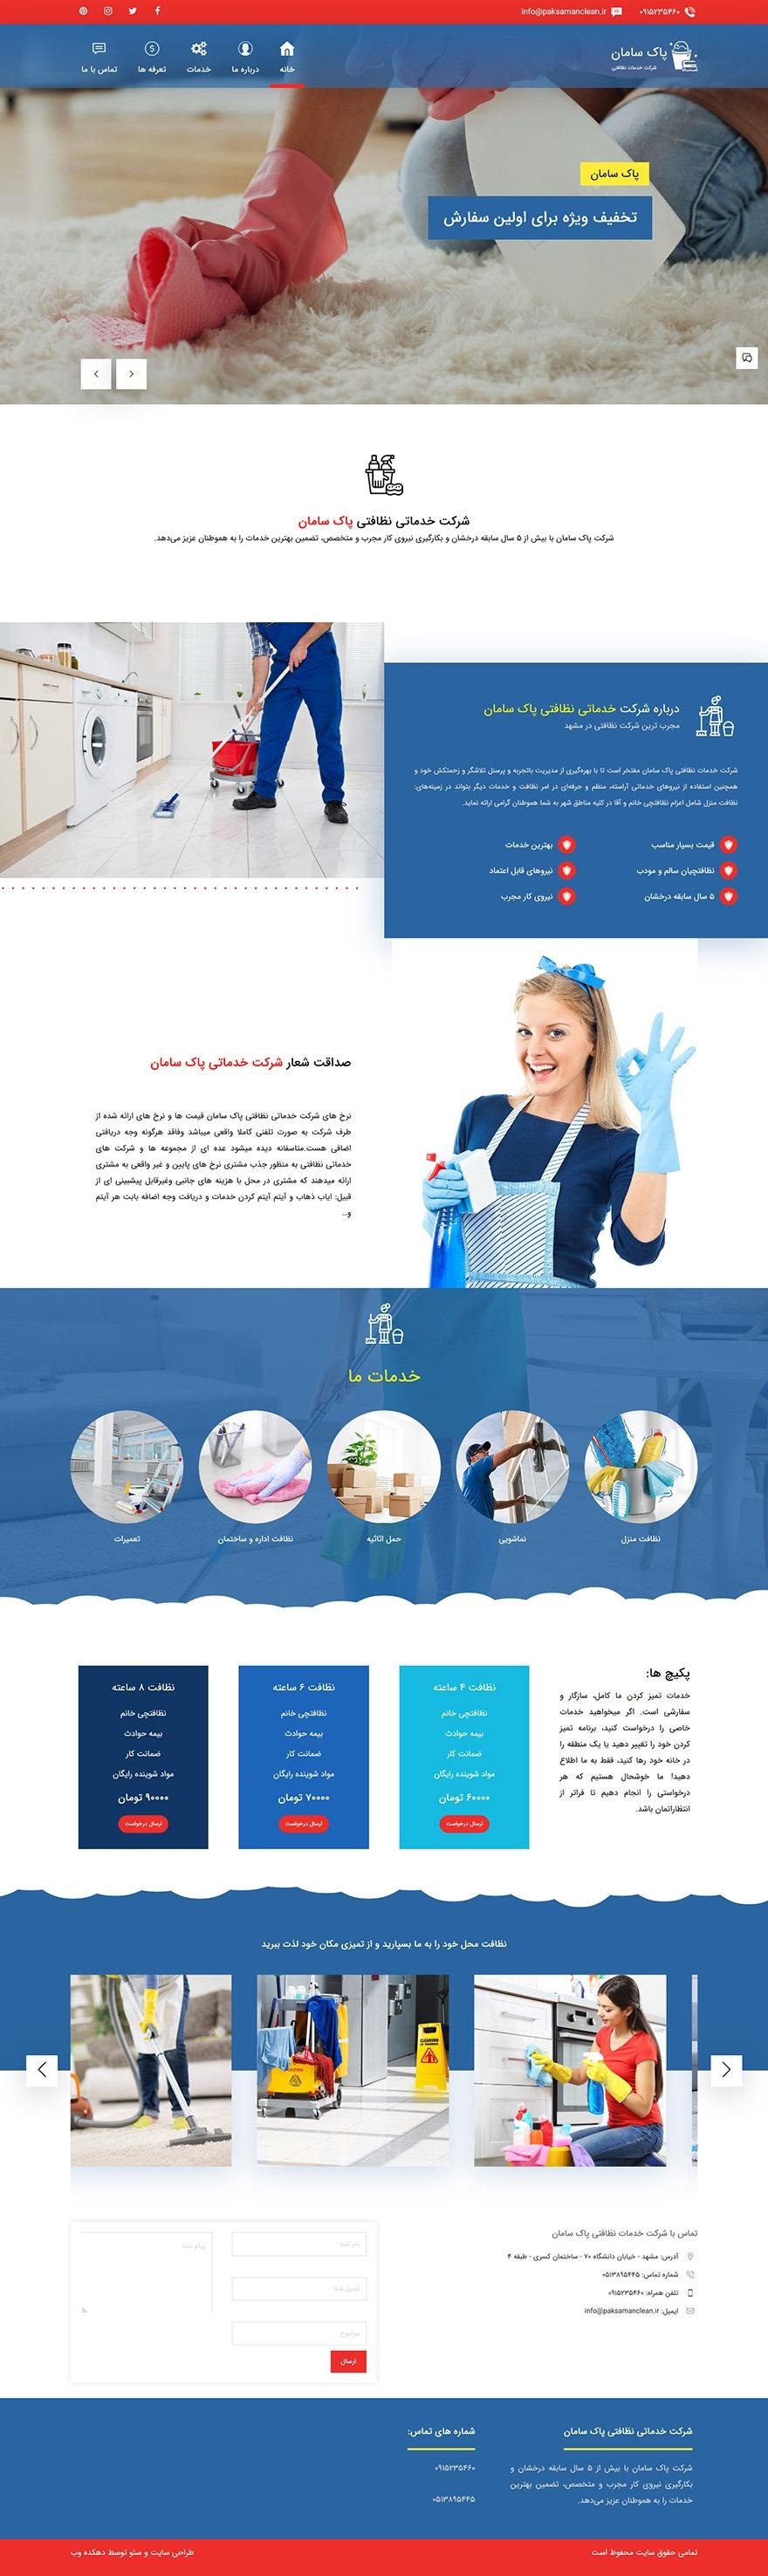 طراحی سایت شرکت نظافتی پاک سامان